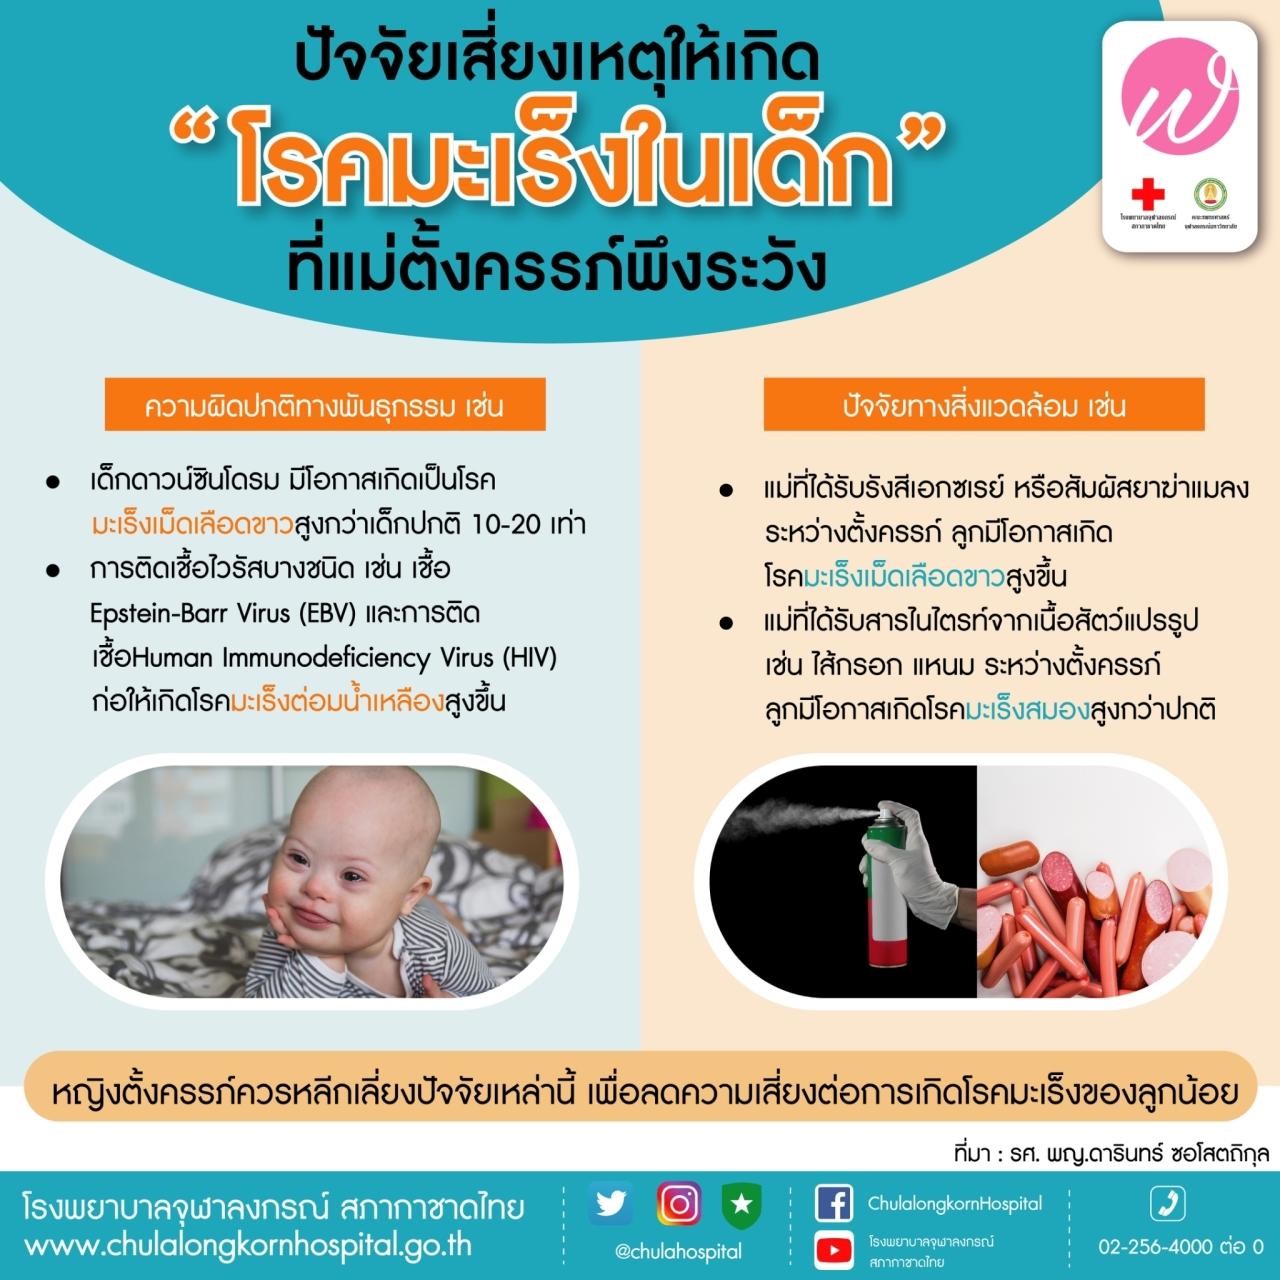 """ปัจจัยเสี่ยงเหตุให้เกิด """"โรคมะเร็งในเด็ก"""" ที่แม่ตั้งครรภ์พึงระวัง"""